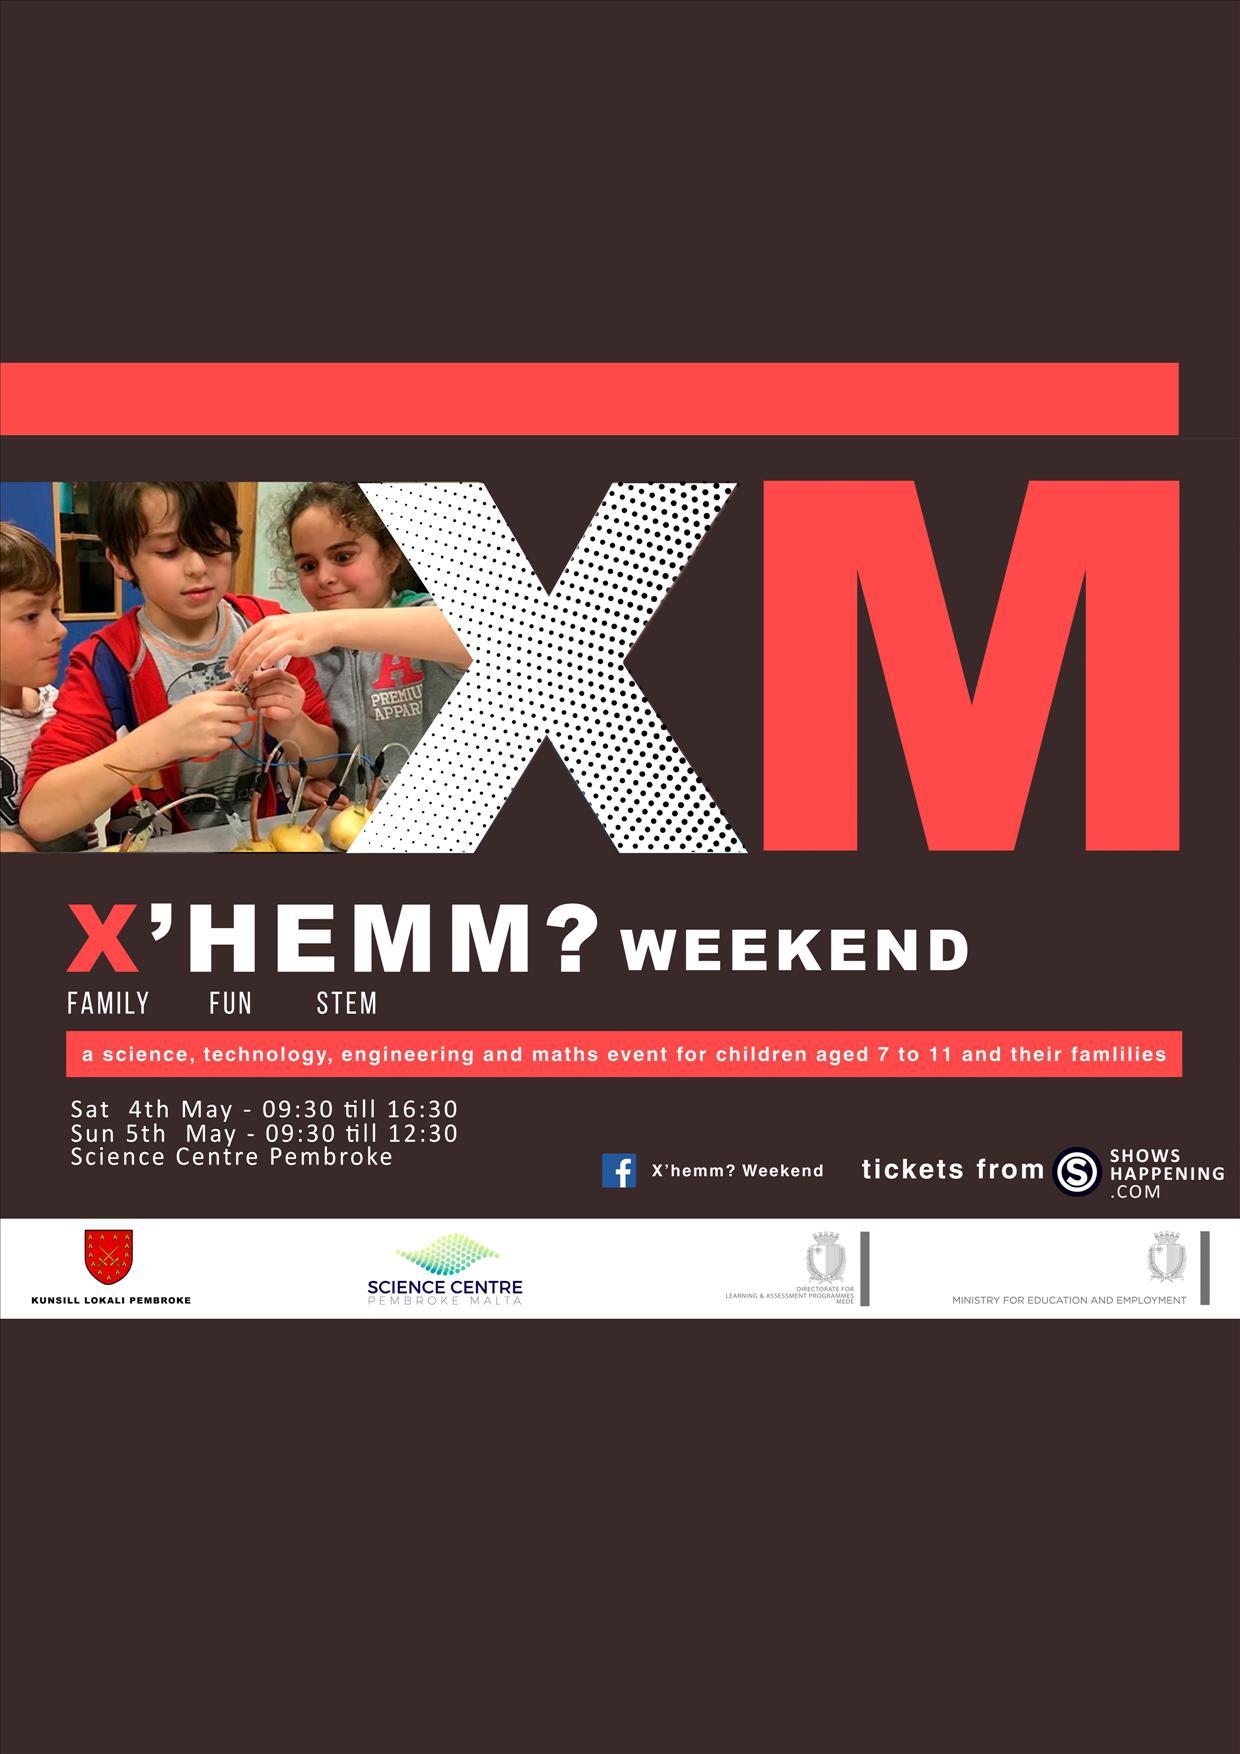 X'hemM? Weekend